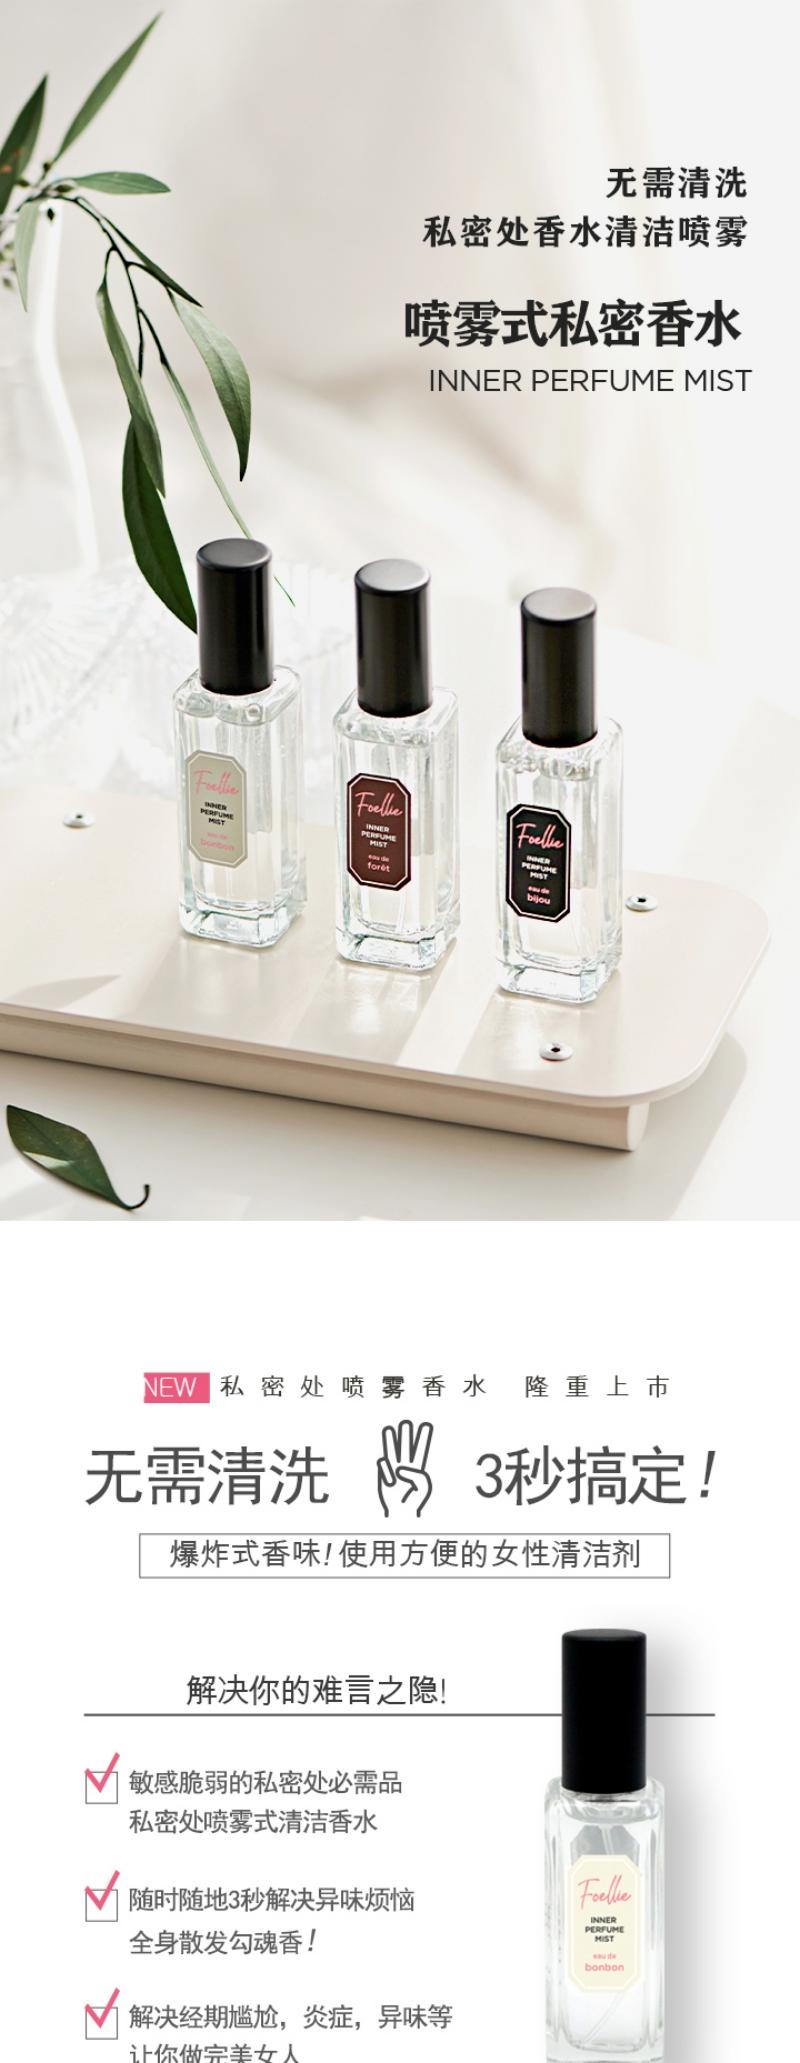 Foellie Inner Perfume Mist 20ml D01.jpg